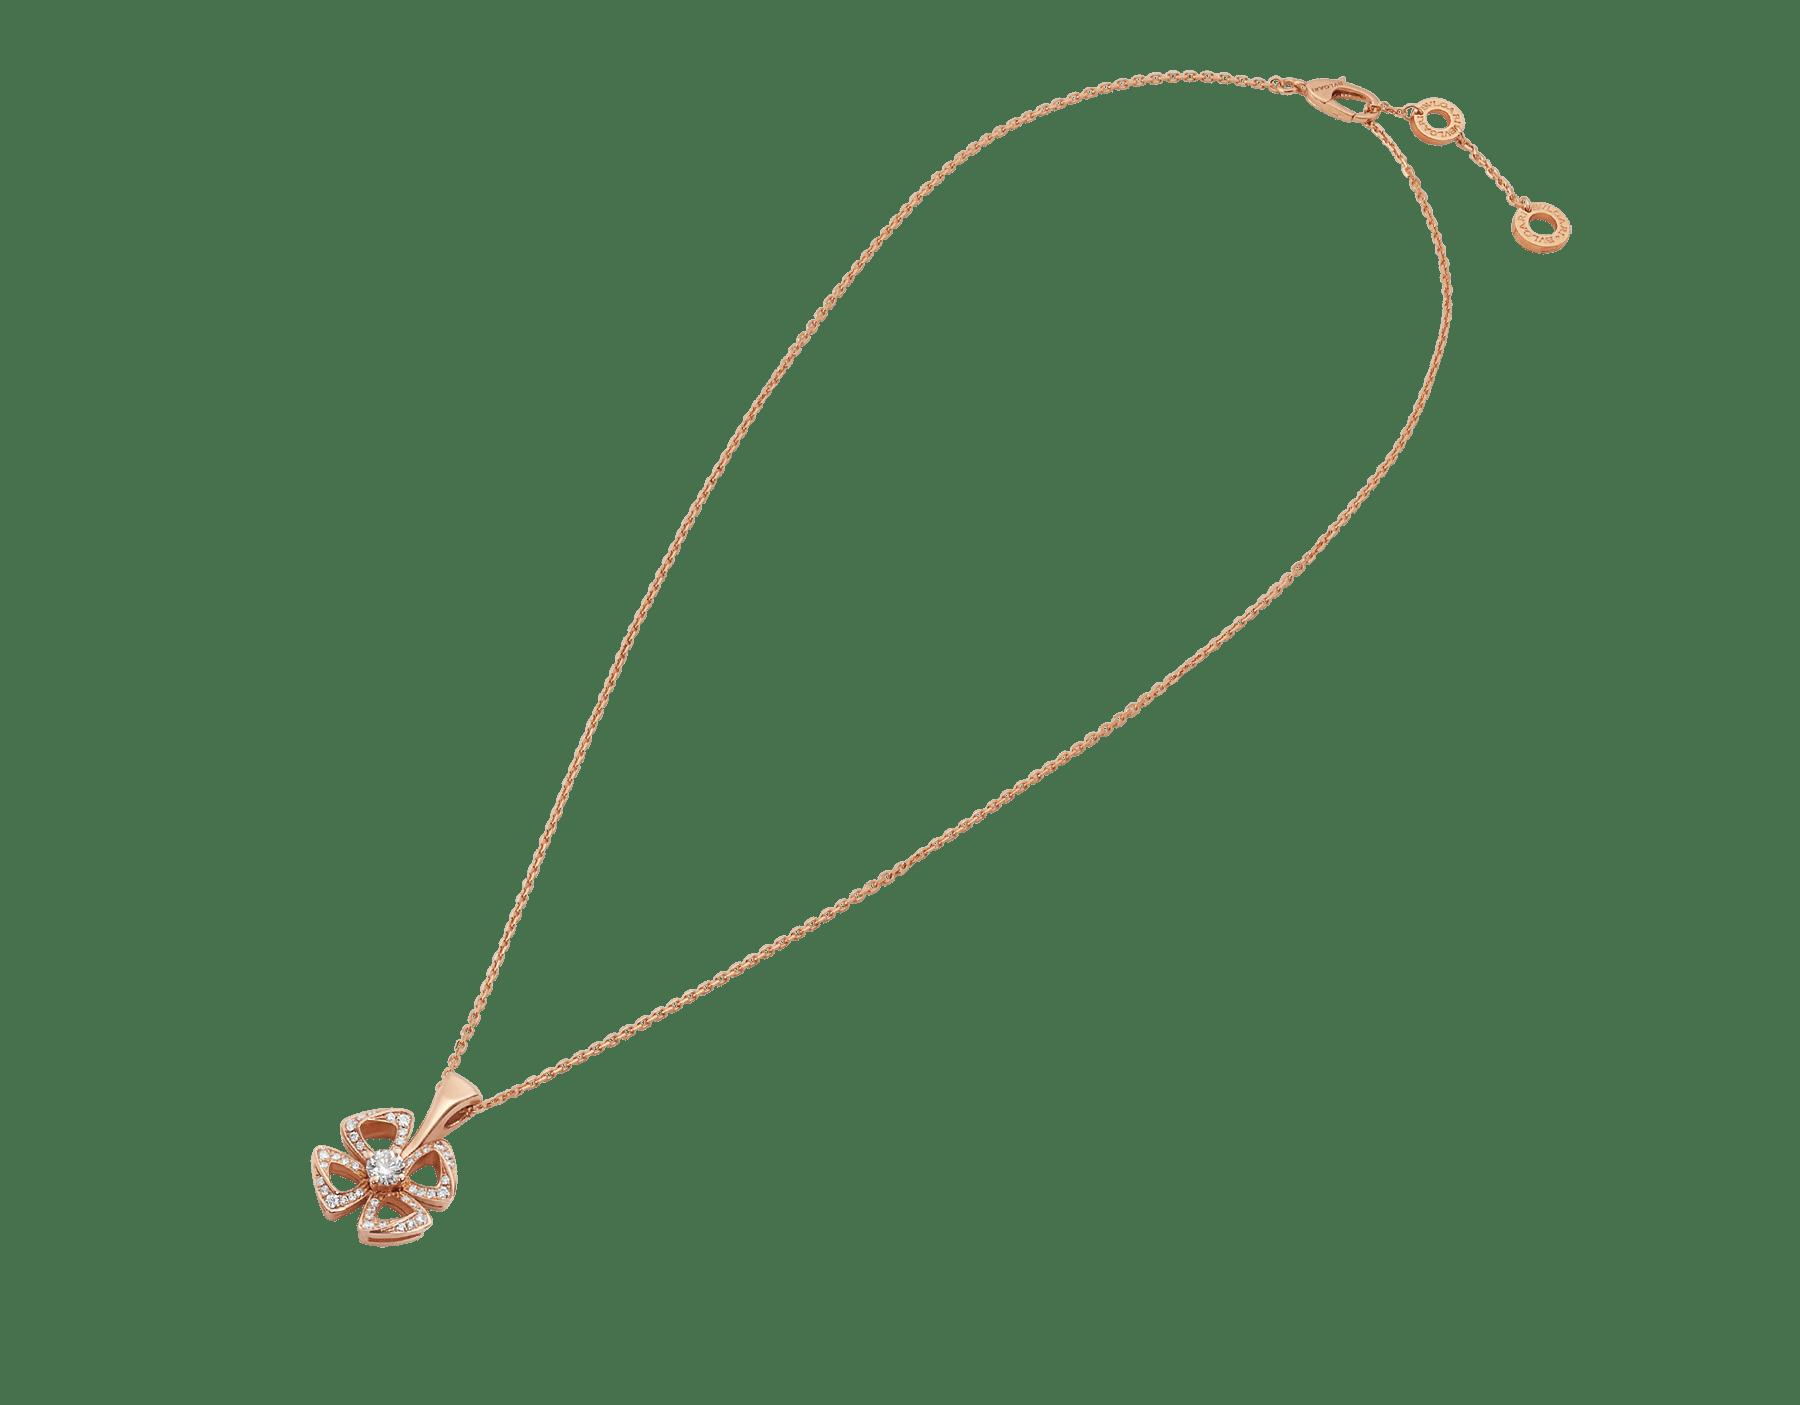 Collier Fiorever en or rose 18K serti d'un diamant taille brillant au centre (0,10ct) et pavé diamants (0,06ct) 358156 image 2